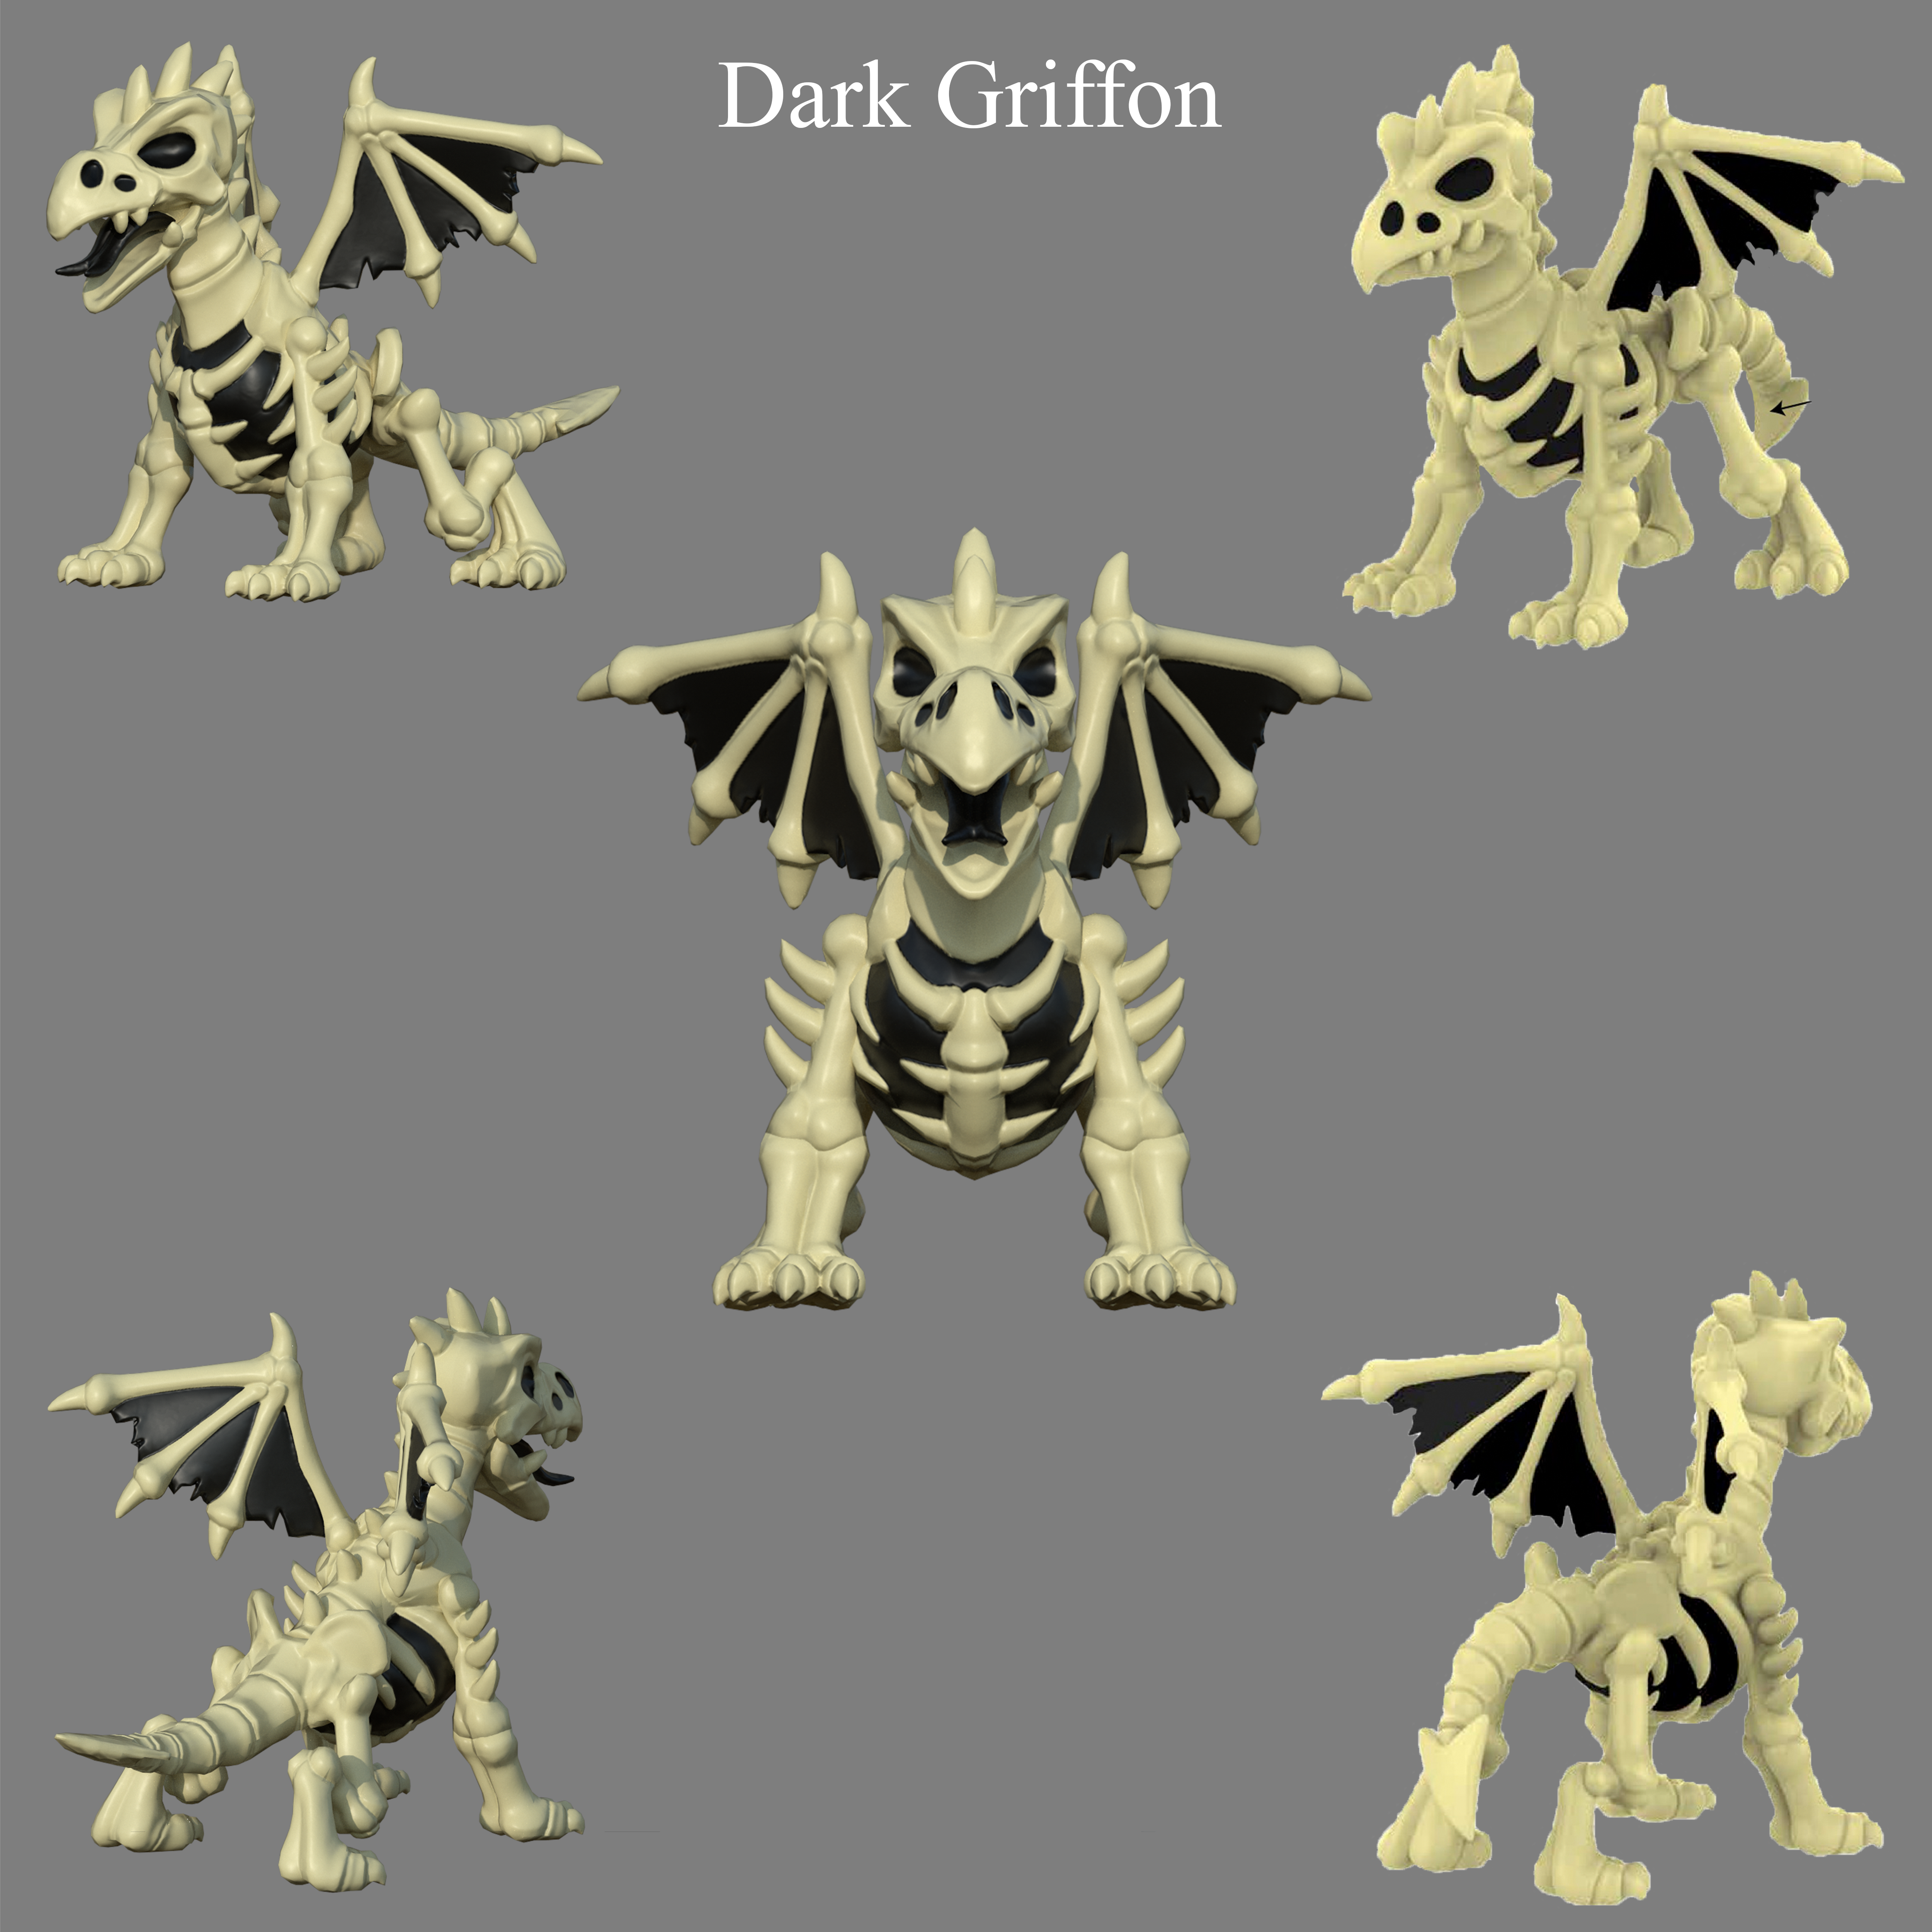 Dark Griffon